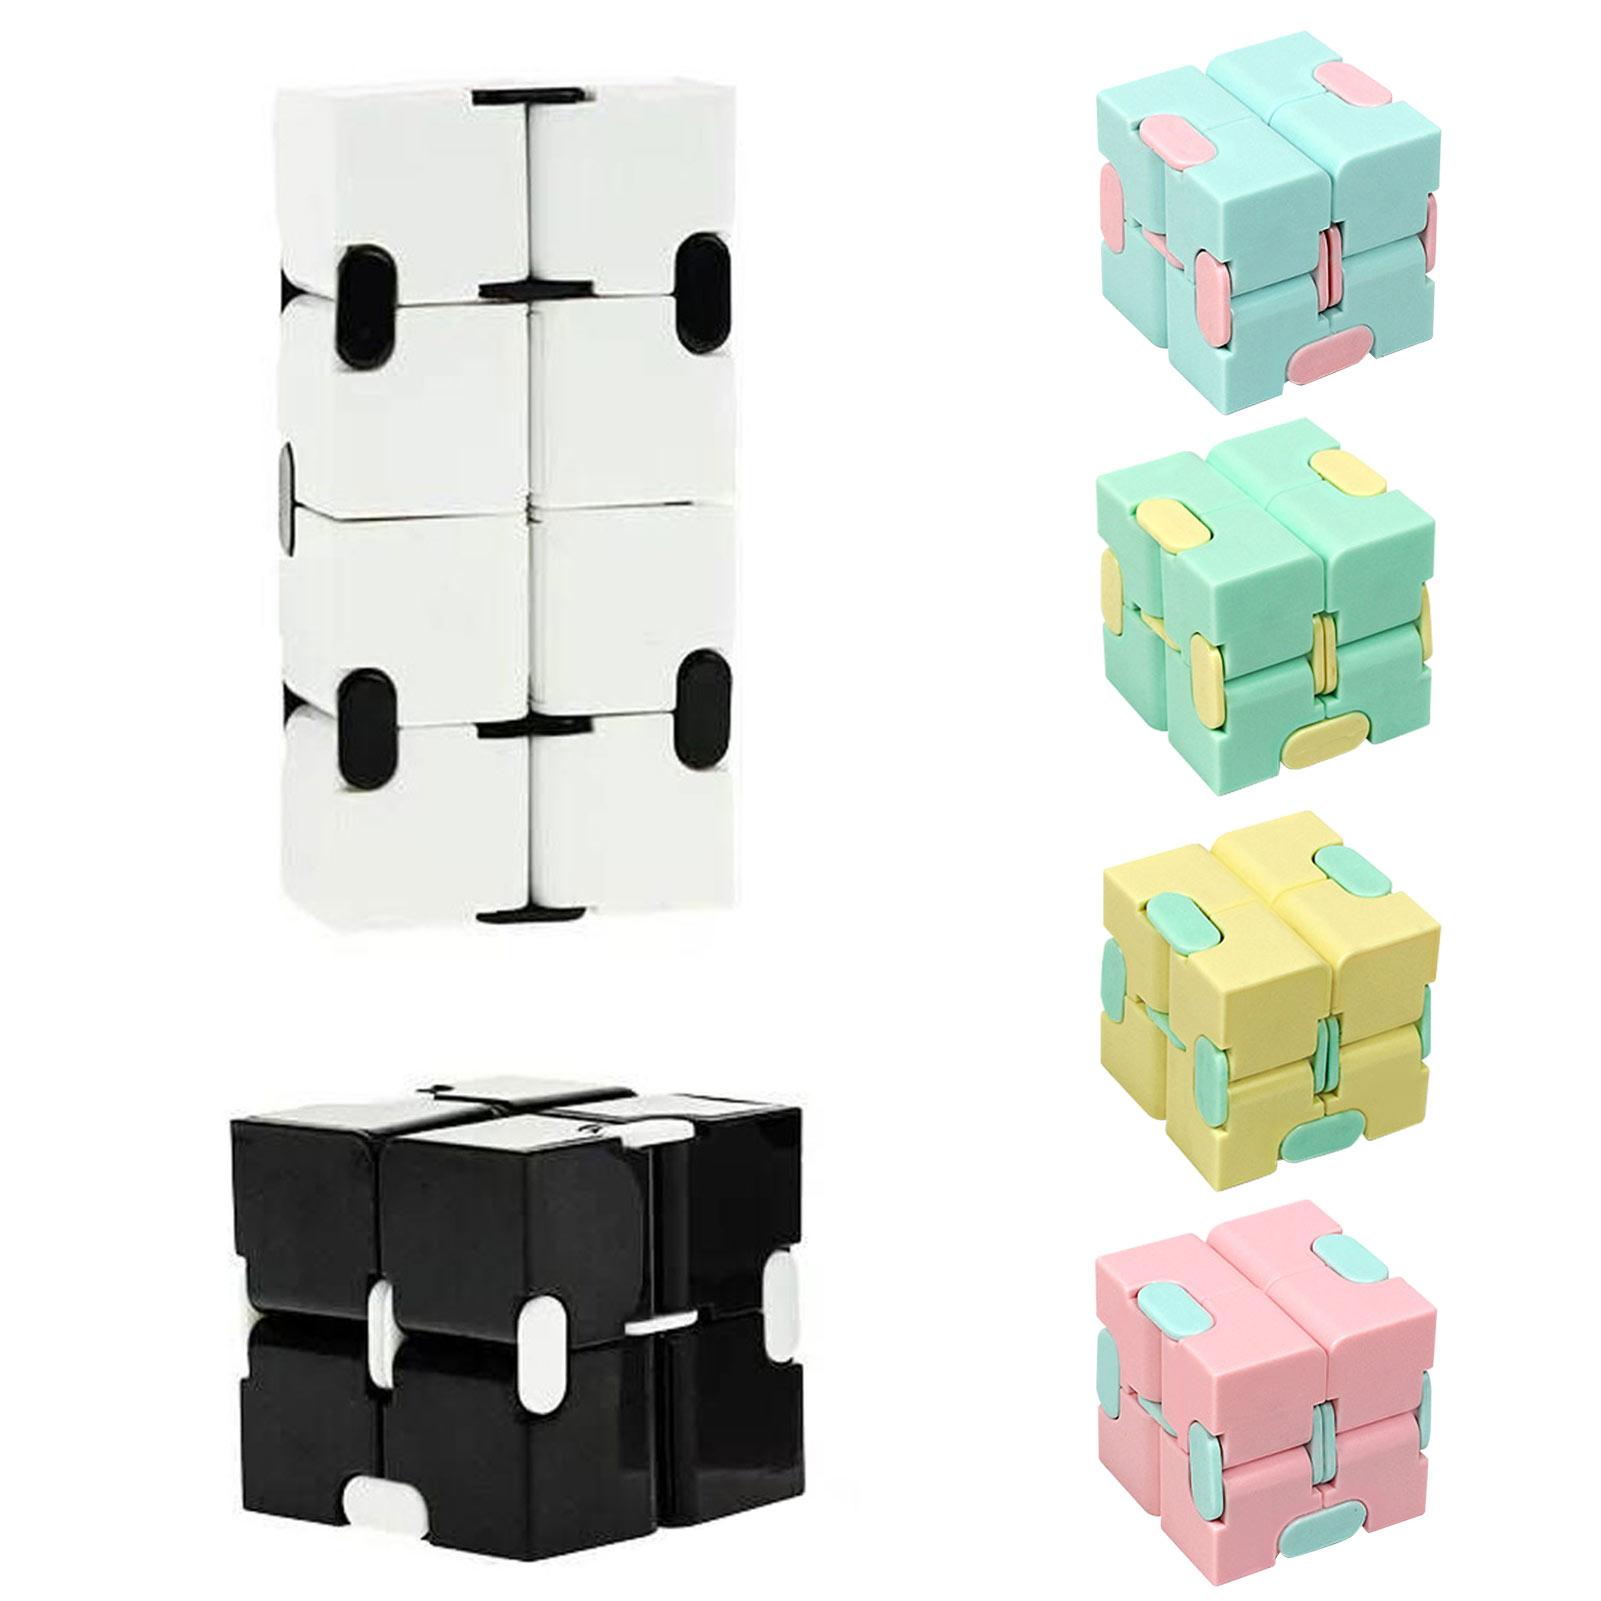 Кубик-головоломка, прочная Изысканная игрушка для снятия стресса, волшебный кубик бесконечности для взрослых и детей, фиджет-чехол, антистр...